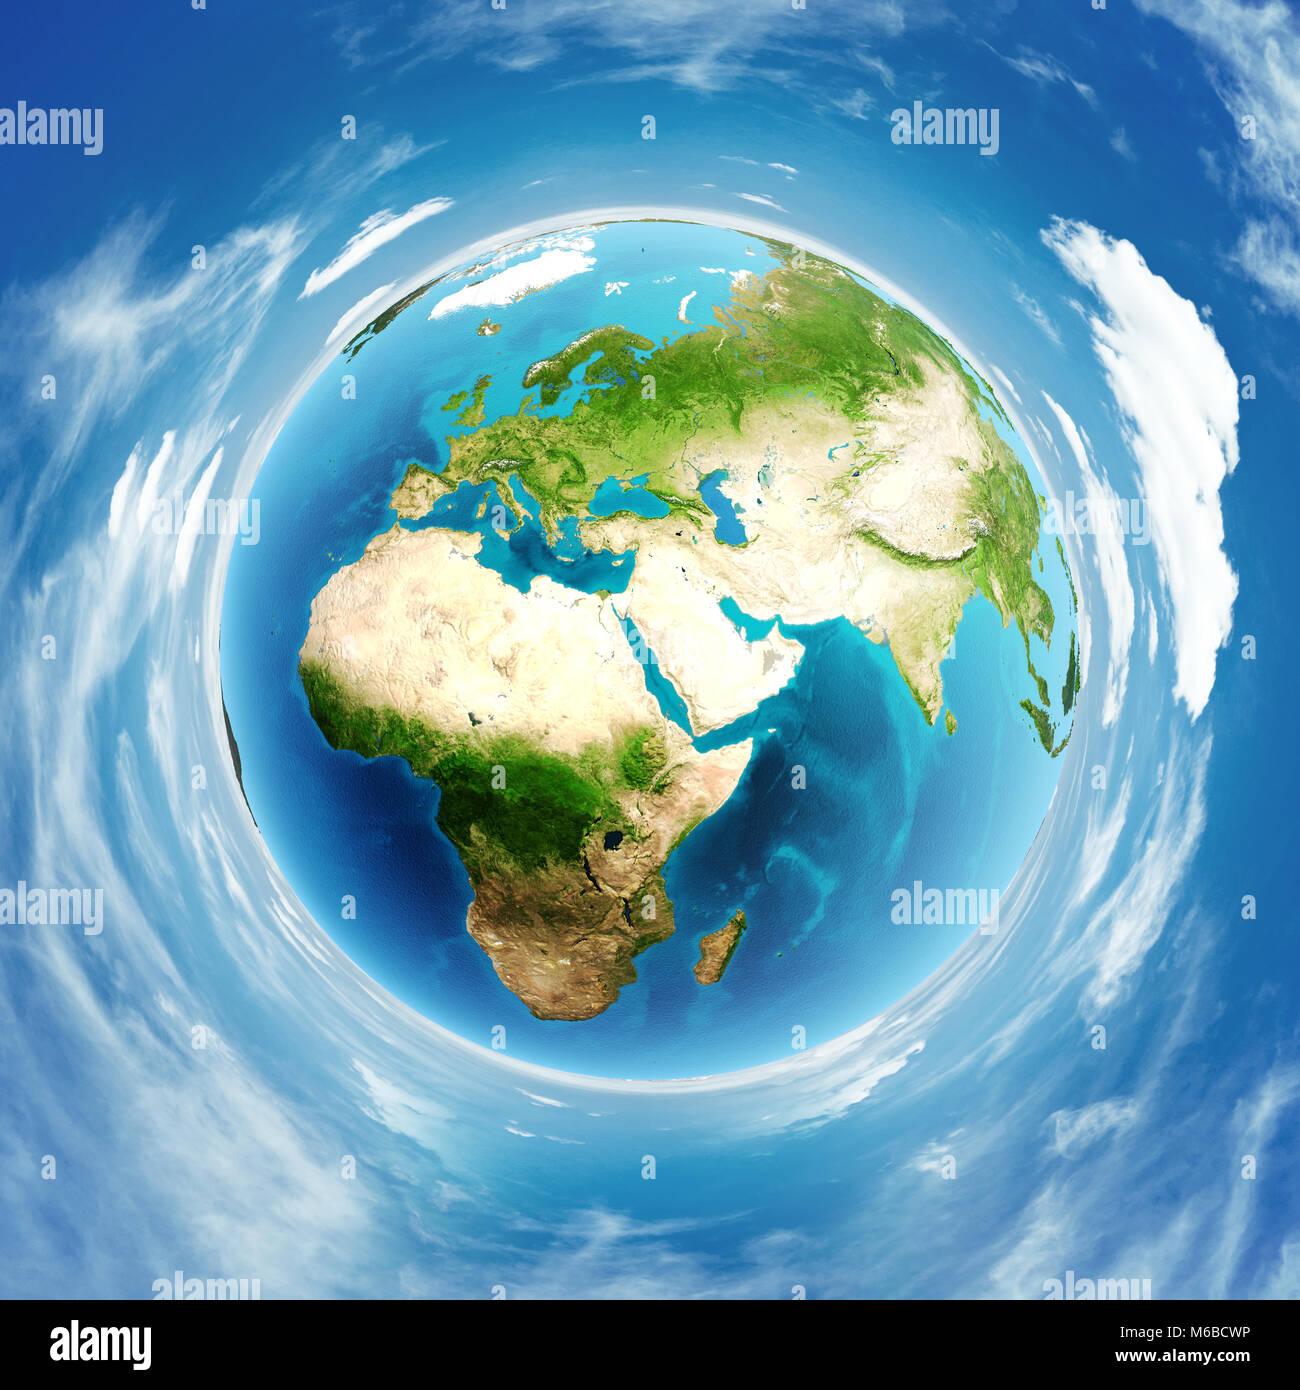 La planète Terre vrai soulagement le rendu 3D Photo Stock